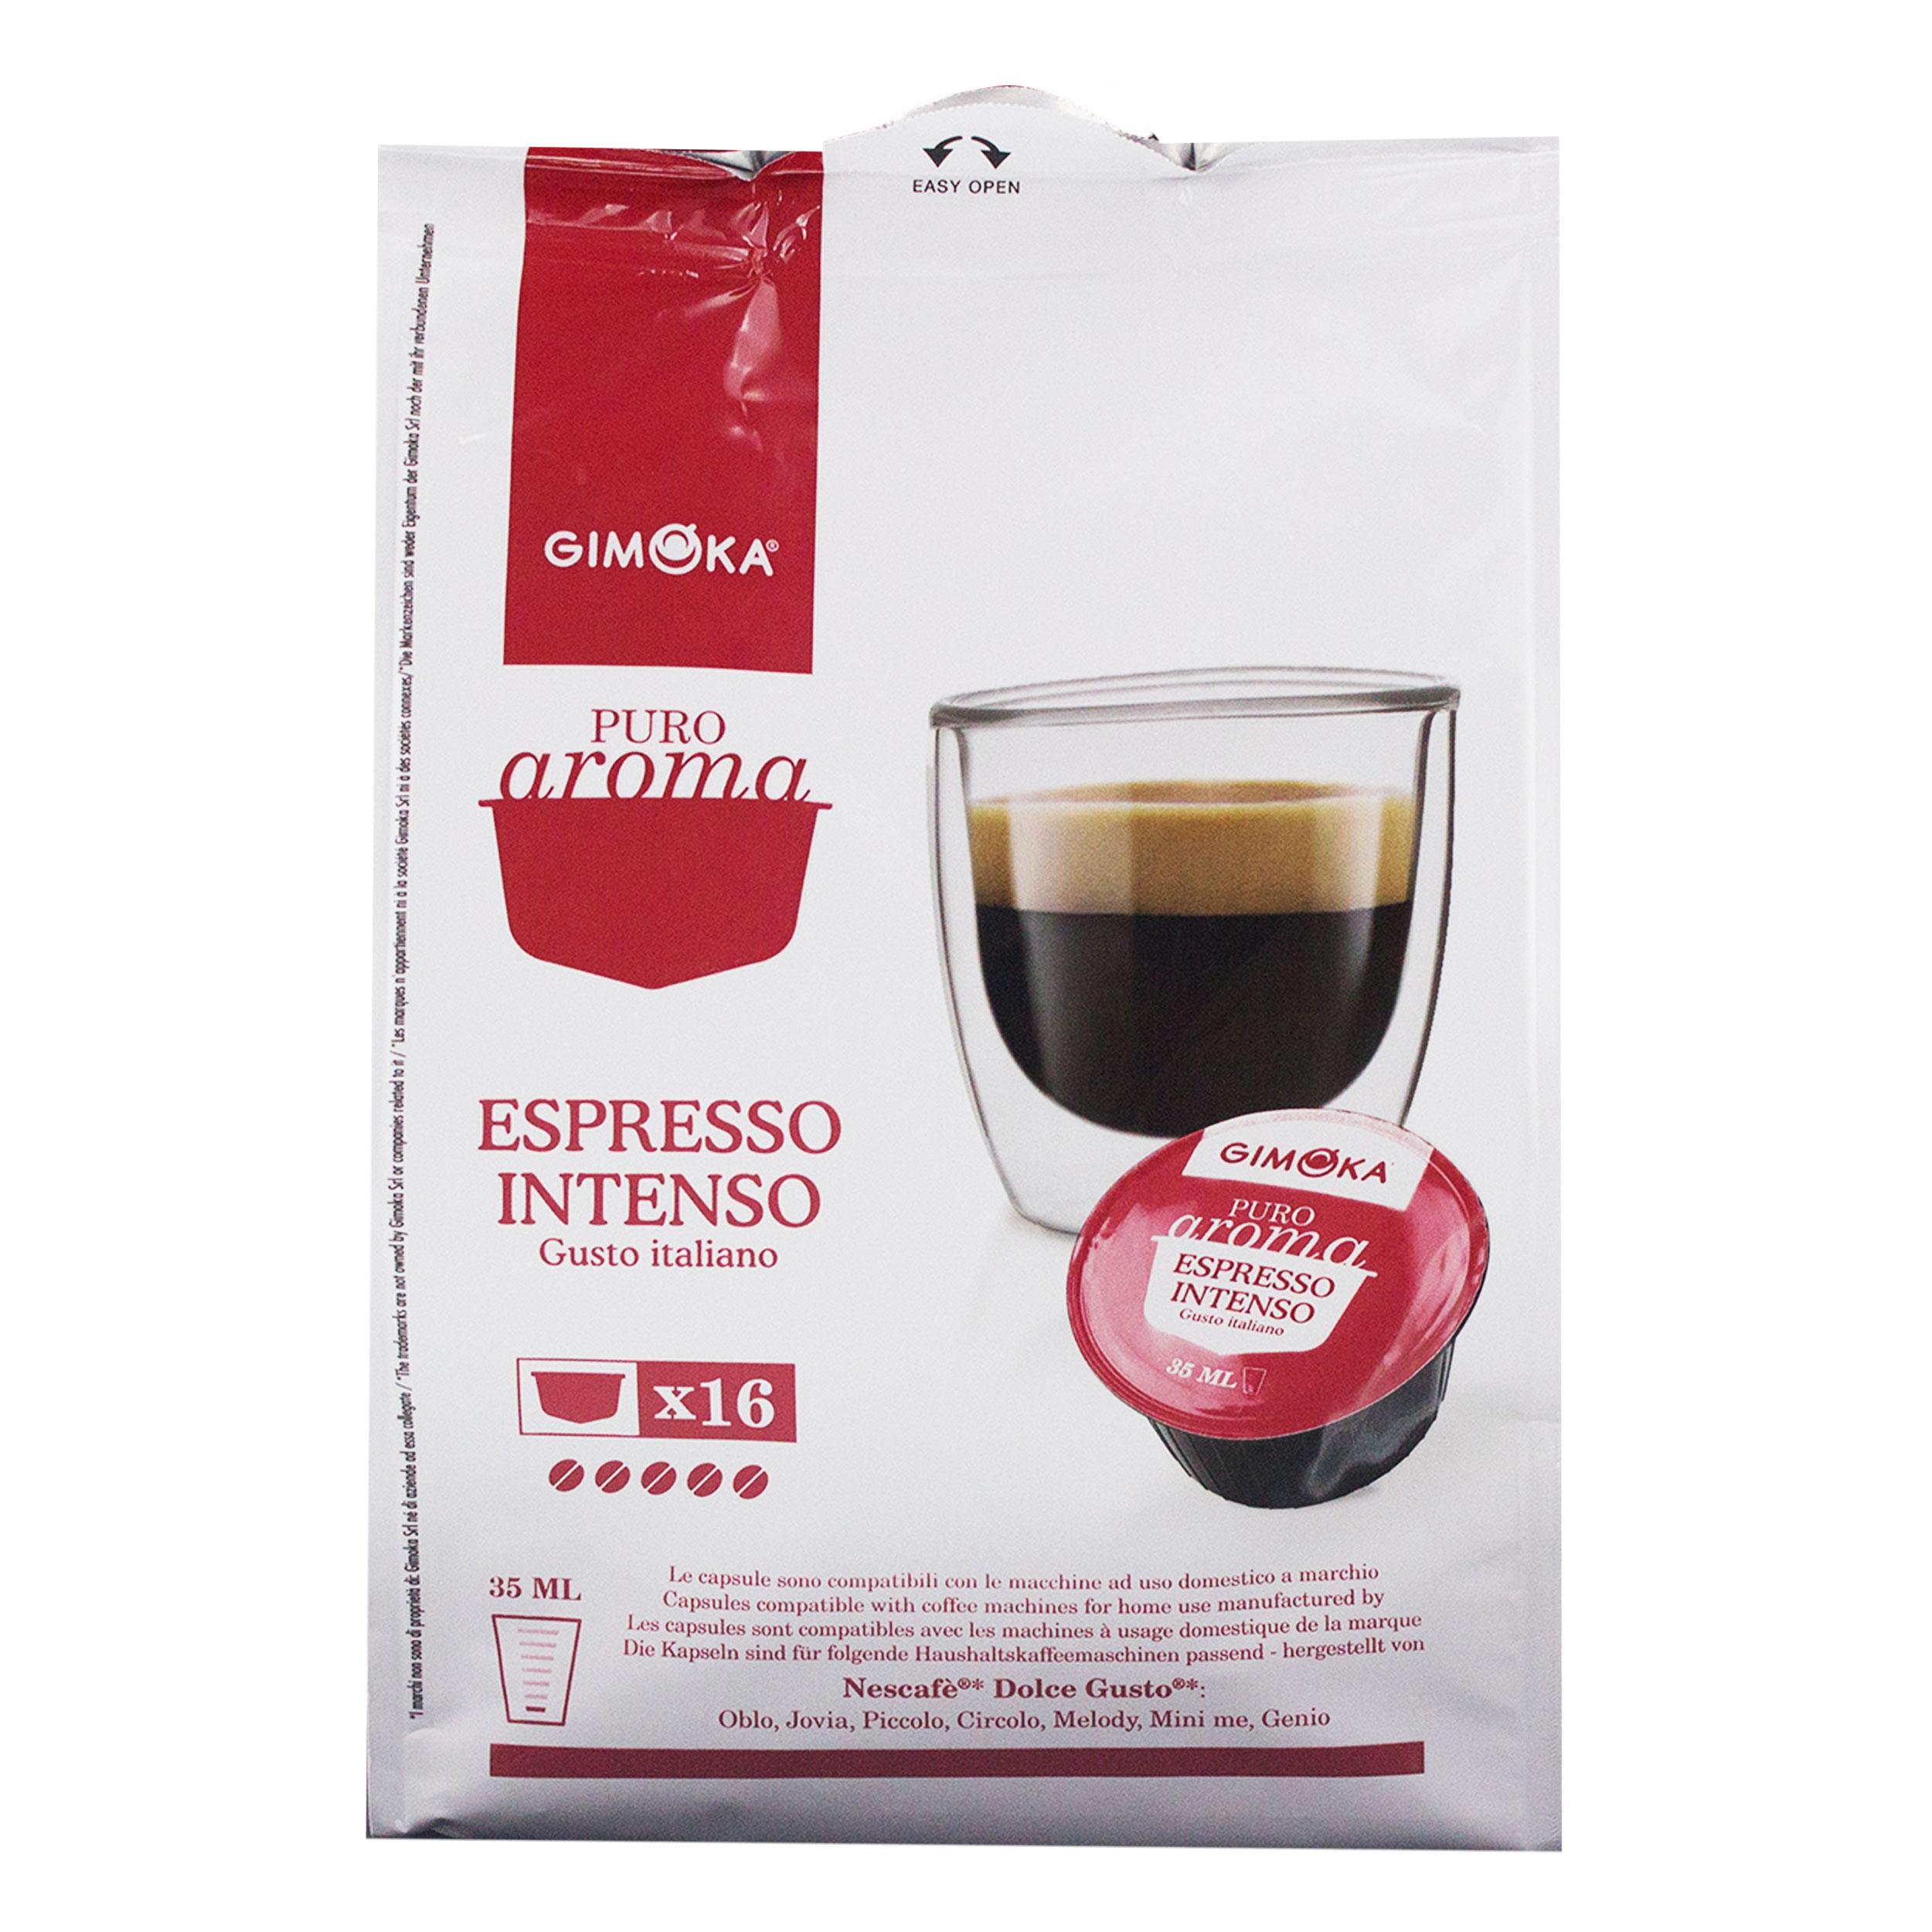 gimoka puro aroma espresso intenso gusto italiano coffee coffee capsule nescaf dolce gusto. Black Bedroom Furniture Sets. Home Design Ideas